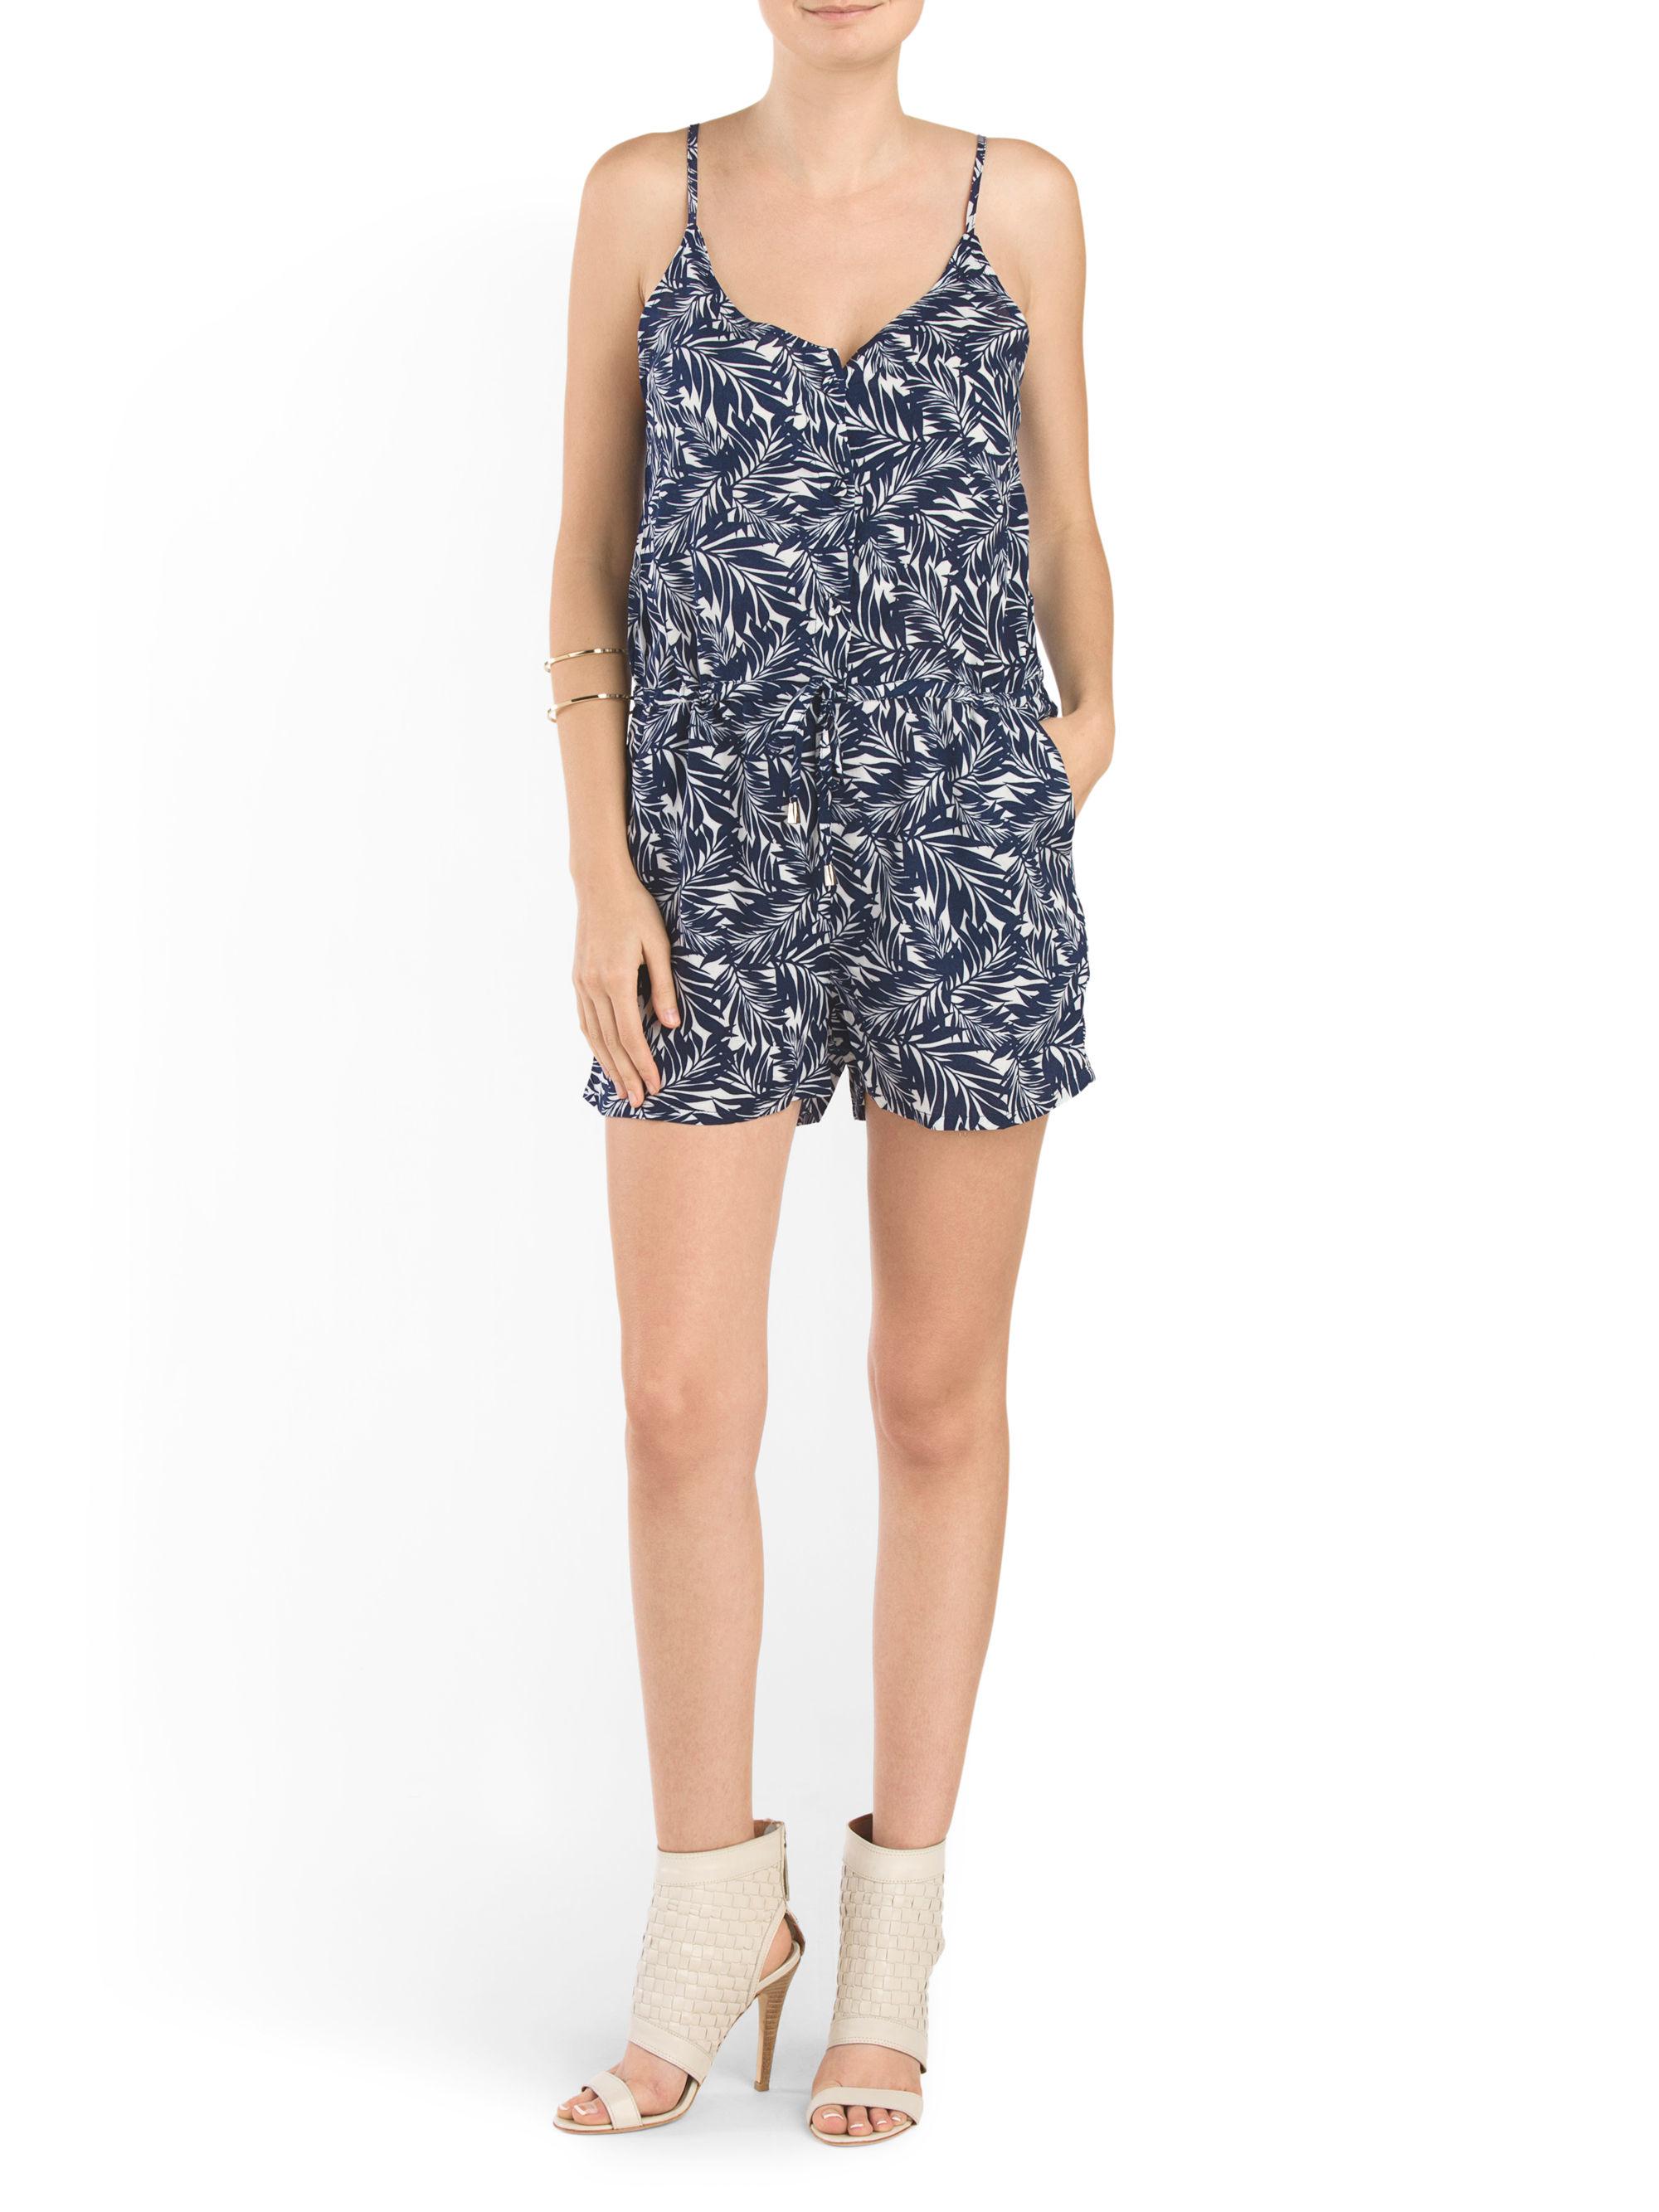 Tj maxx clothing online